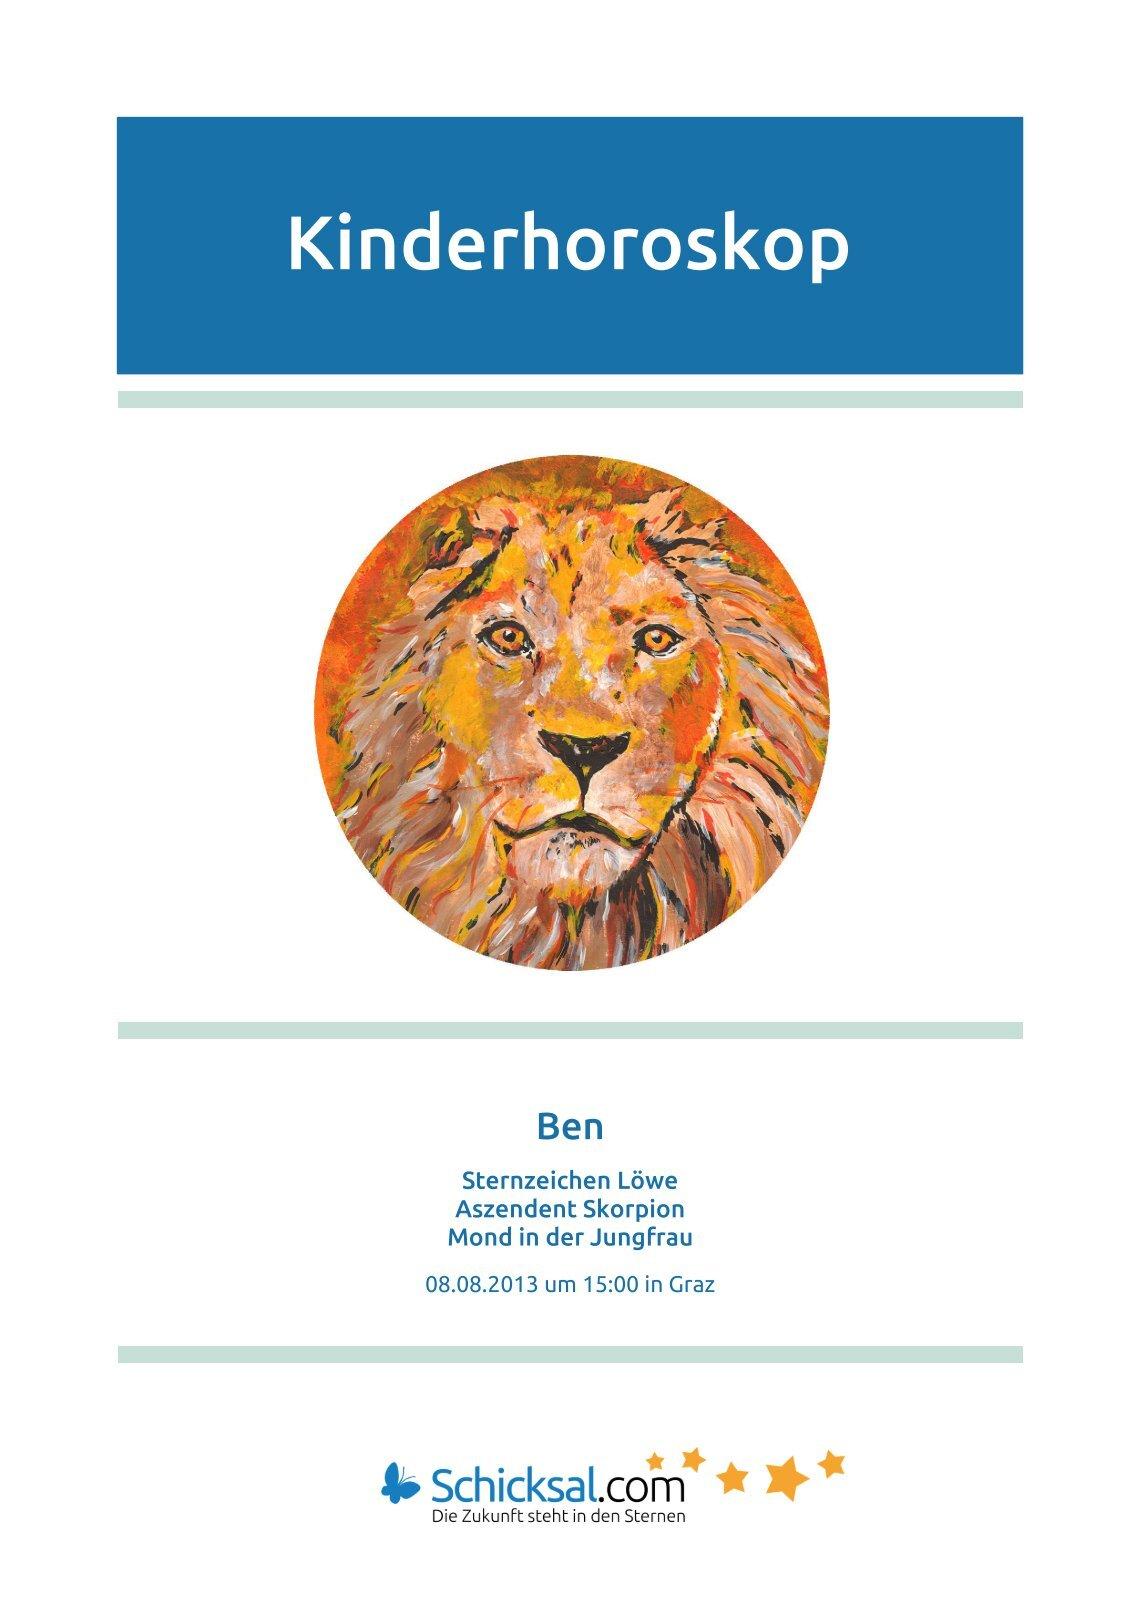 Löwe - Kinderhorskop